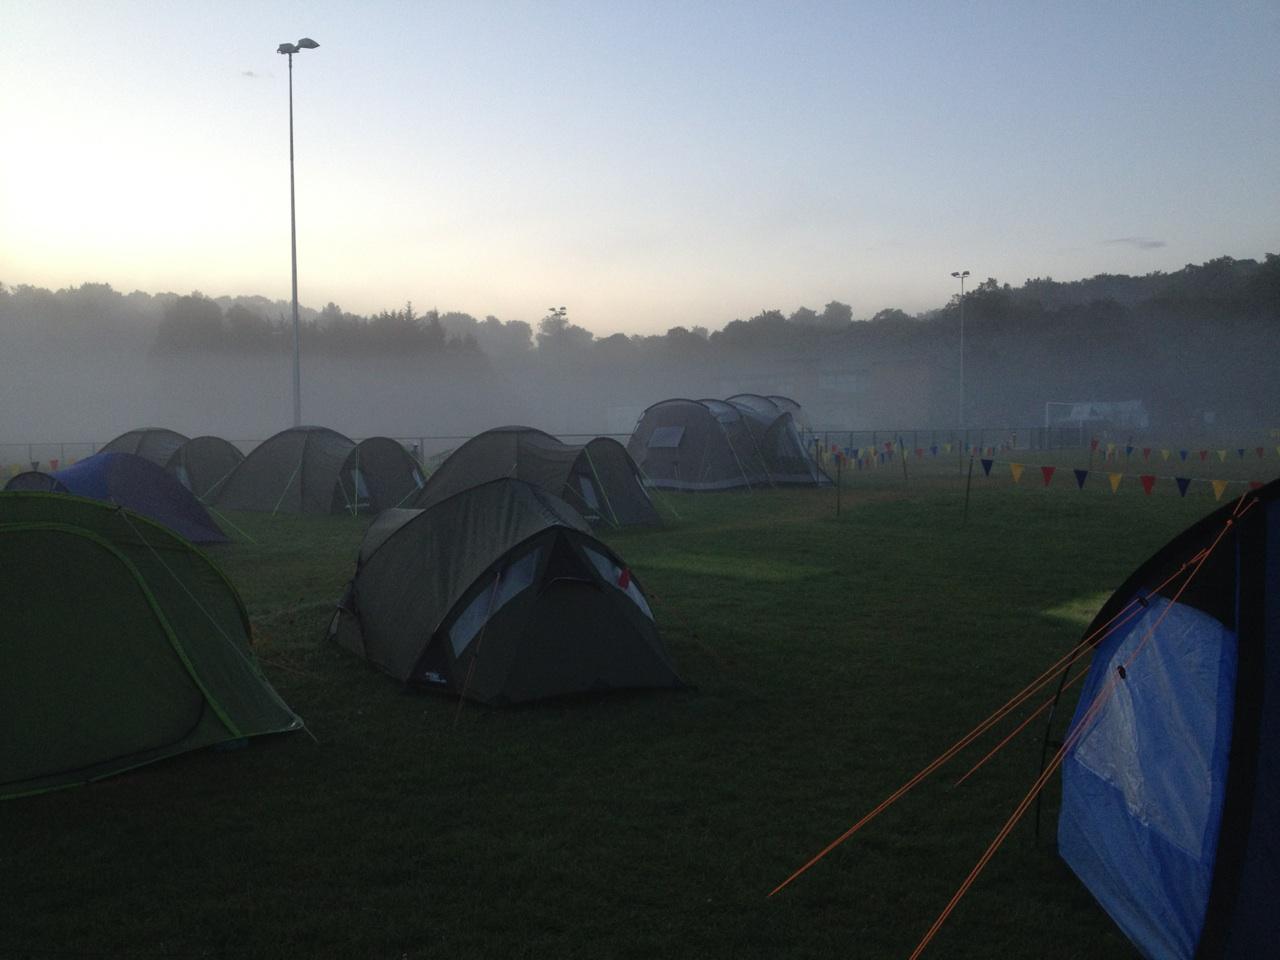 Early morning peace at Camping Ninja